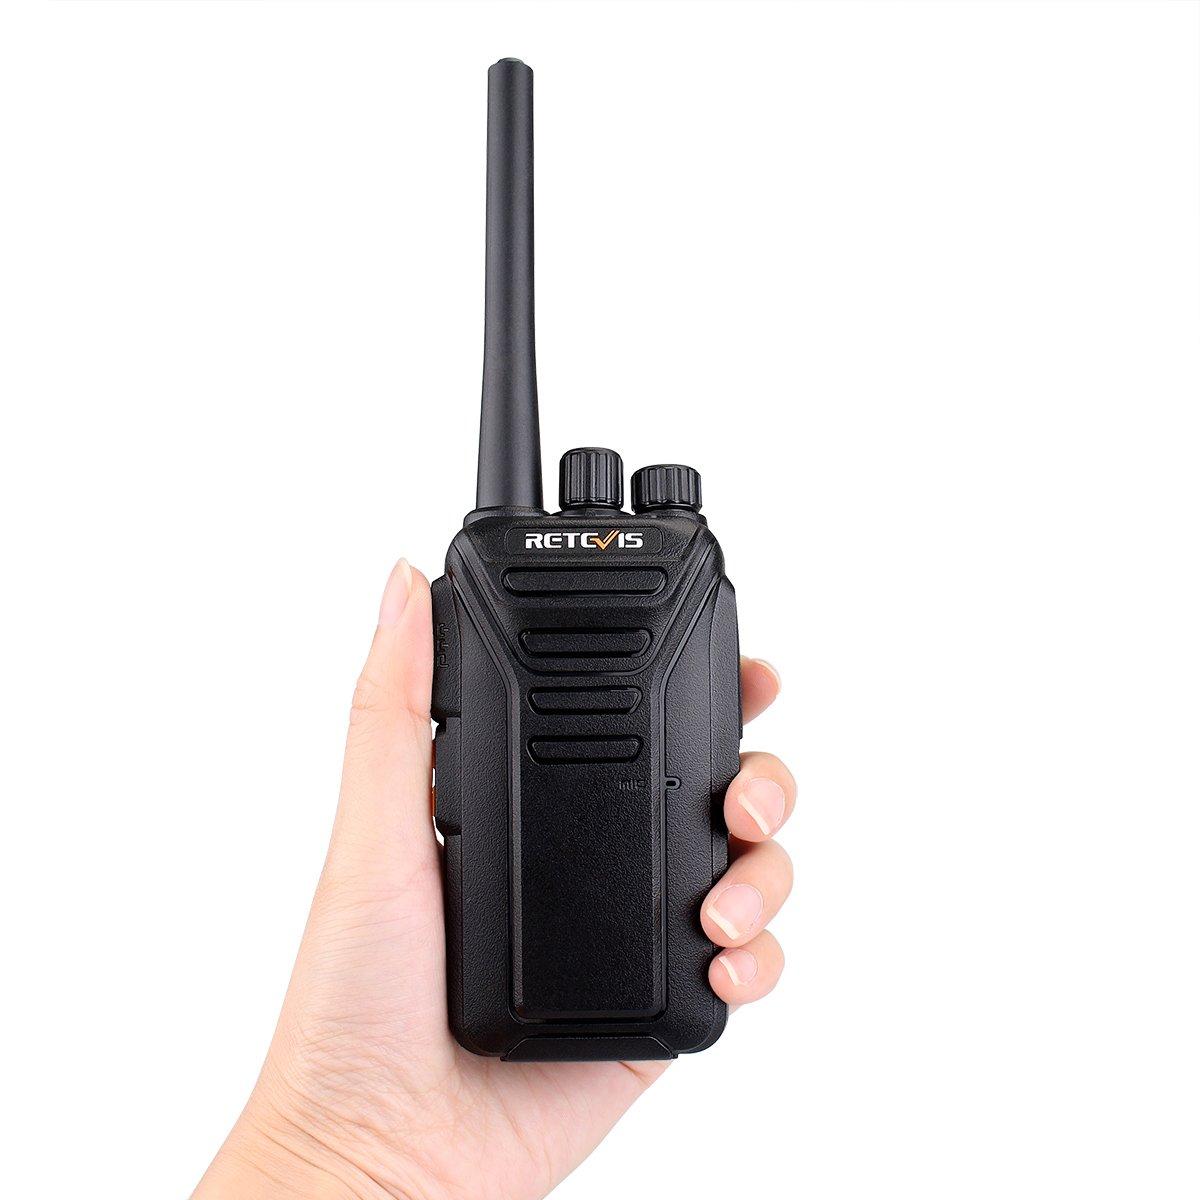 Retevis RT27 Talkie Walkie sans Licence Rechargeable Portable PMR 446 VOX 16 Canaux Port USB de Chargement Noir, 5 pcs